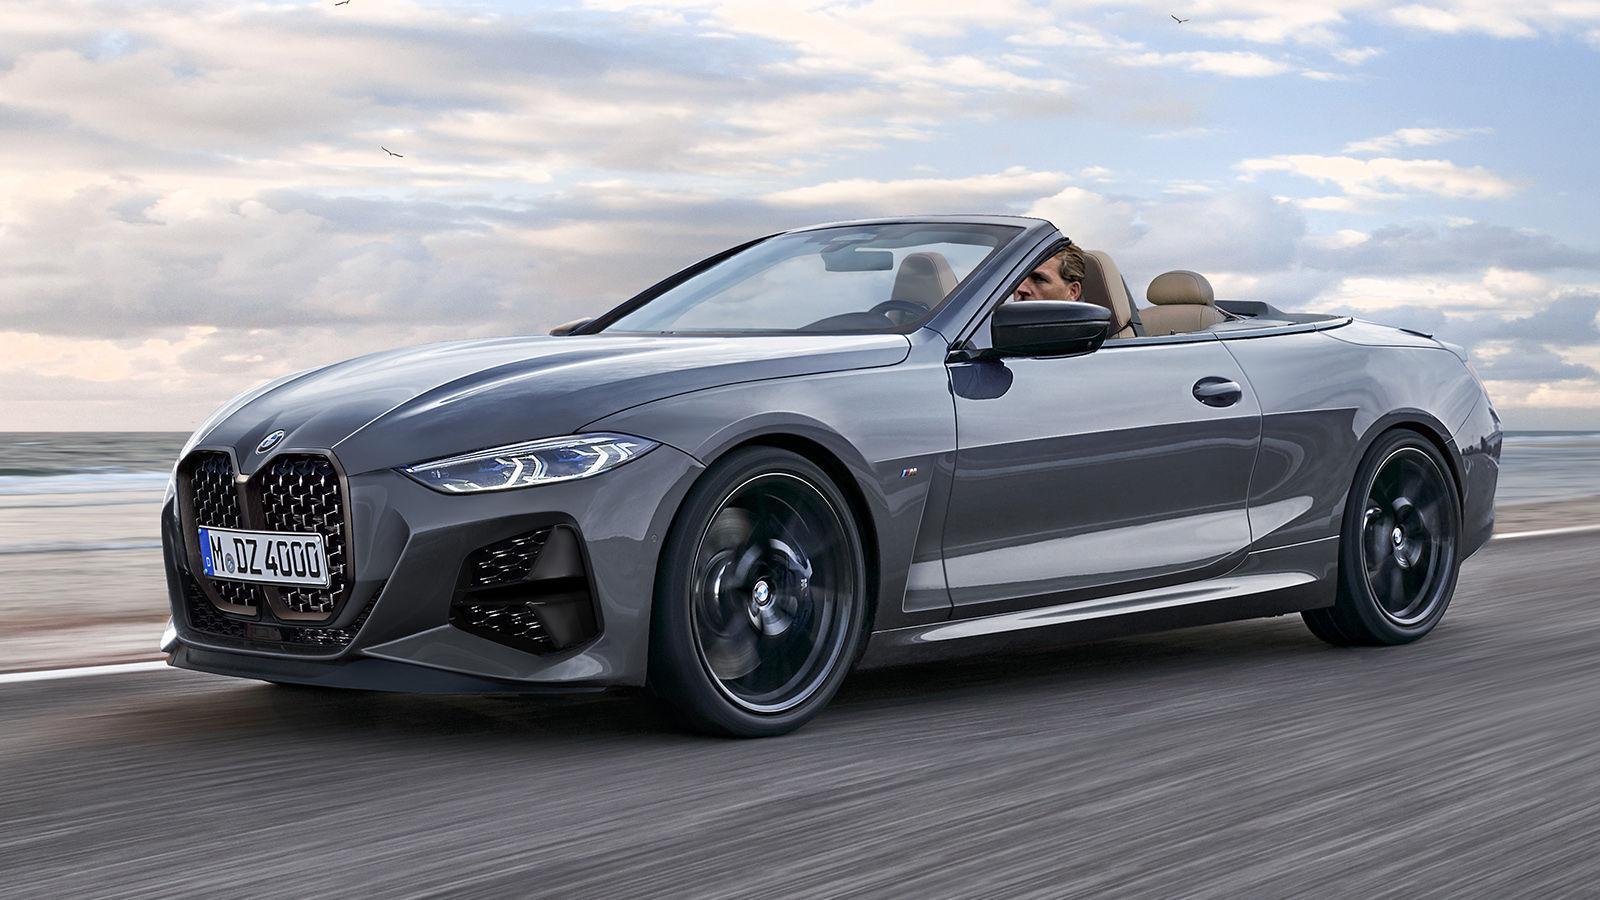 BMW 4er Cabrio (2020): Neuvorstellung - Zukunft - AUTO BILD